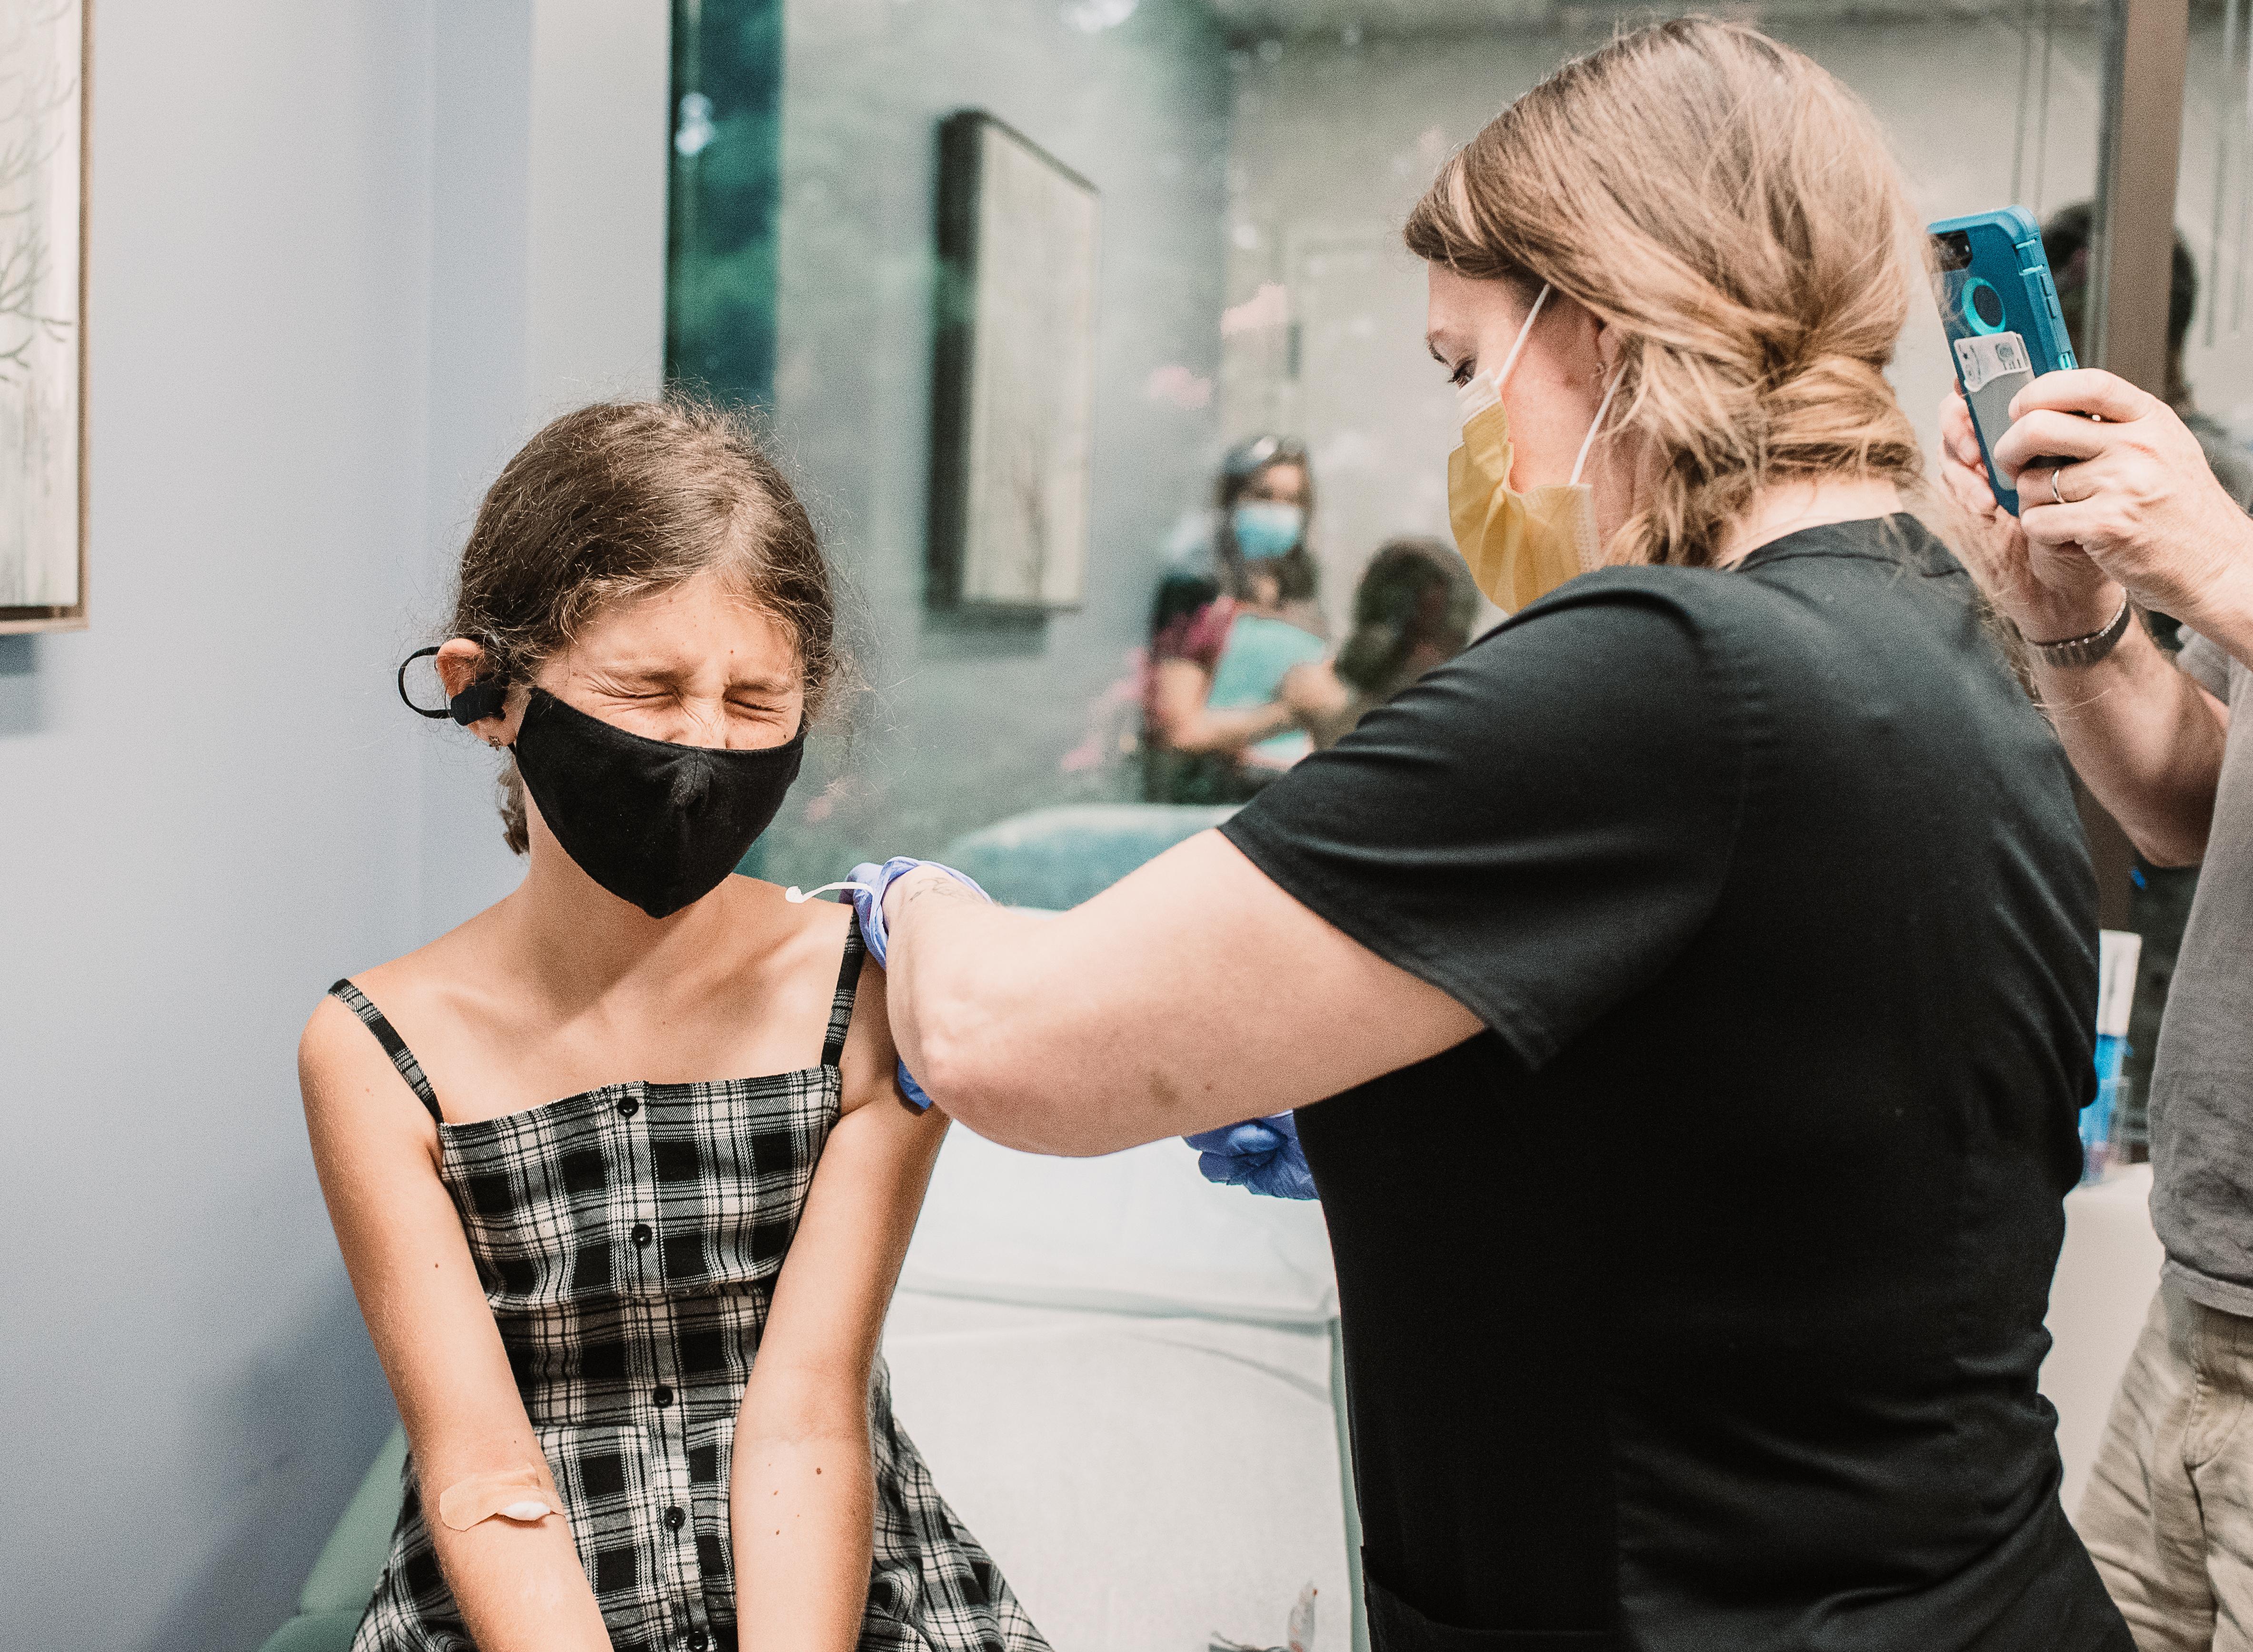 Kids getting vaxxed